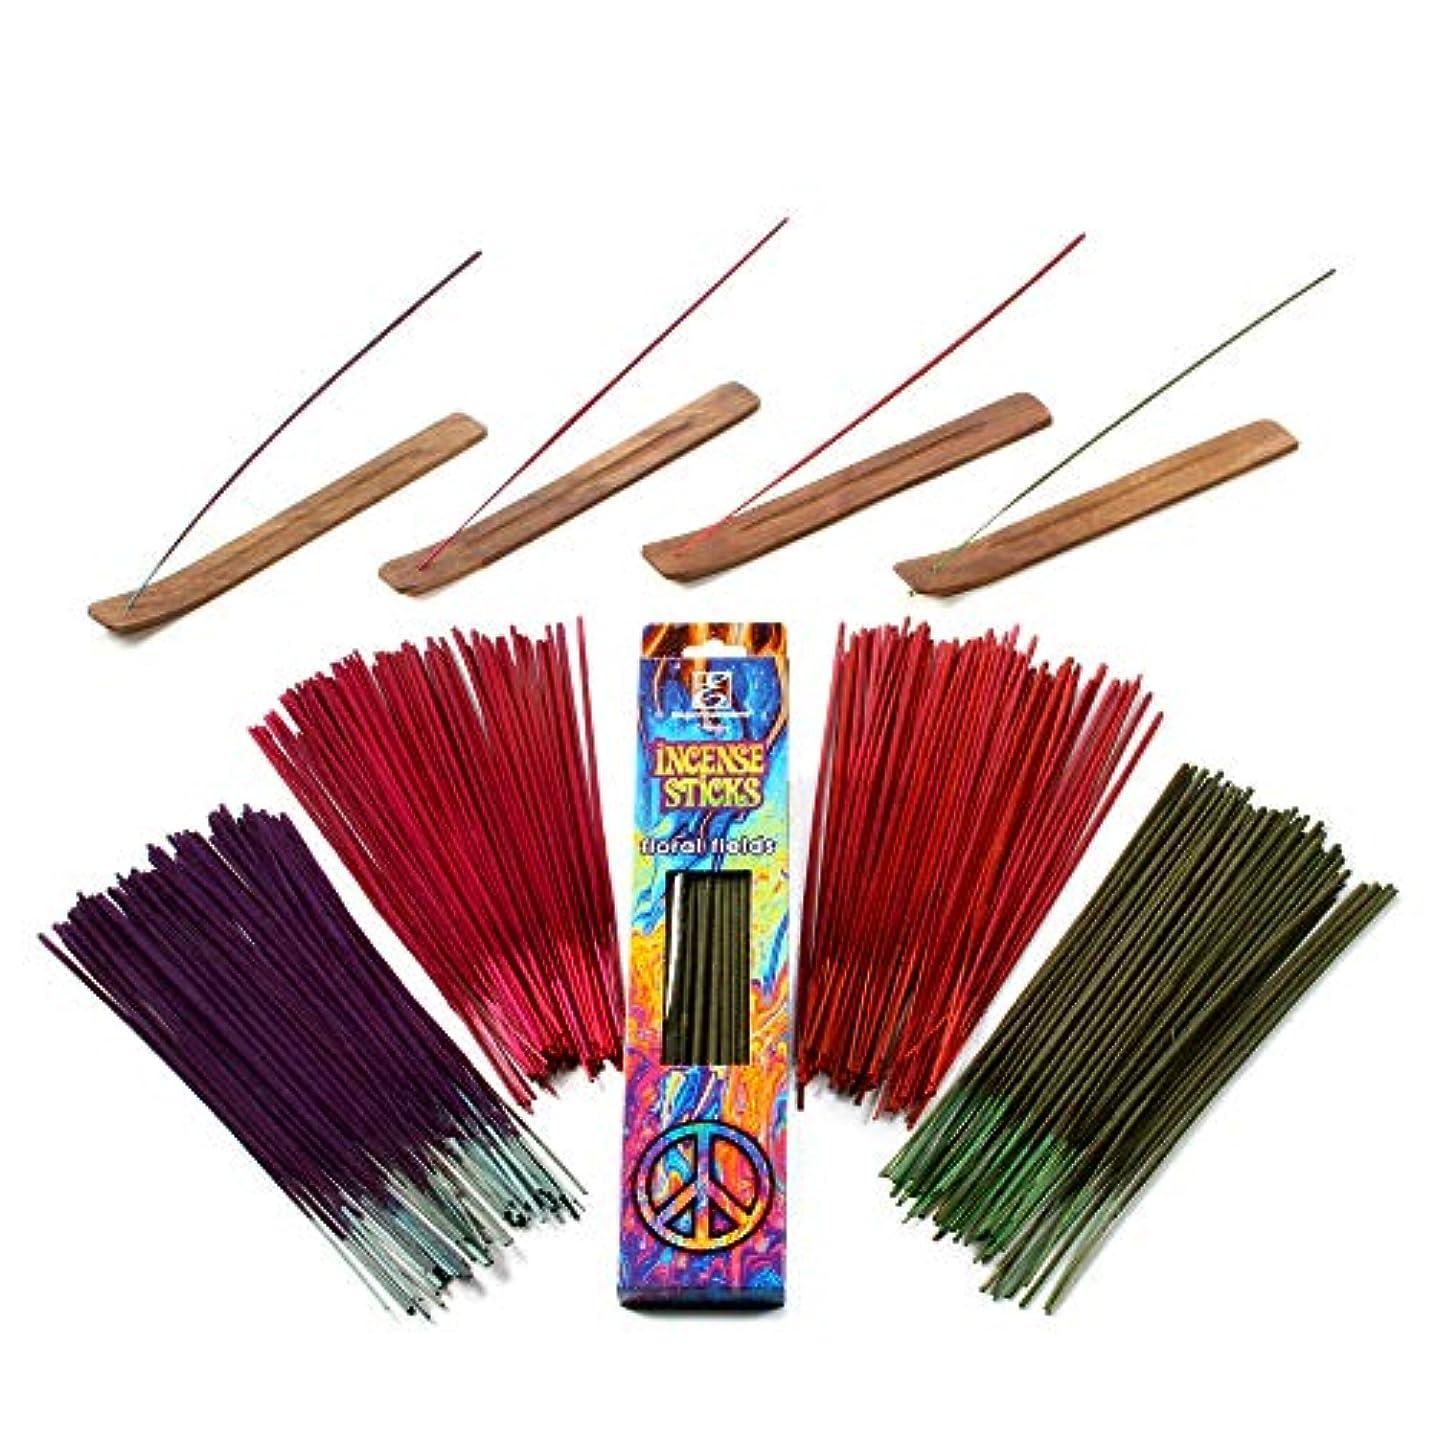 味悲しいカジュアルHosley 260パックAssorted Incense Sticksブラックチェリー、花柄フィールド、Mystical Trails、& Strawberry with 4ホルダー理想の結婚式、Spa ,レイキ、アロマセラピー...